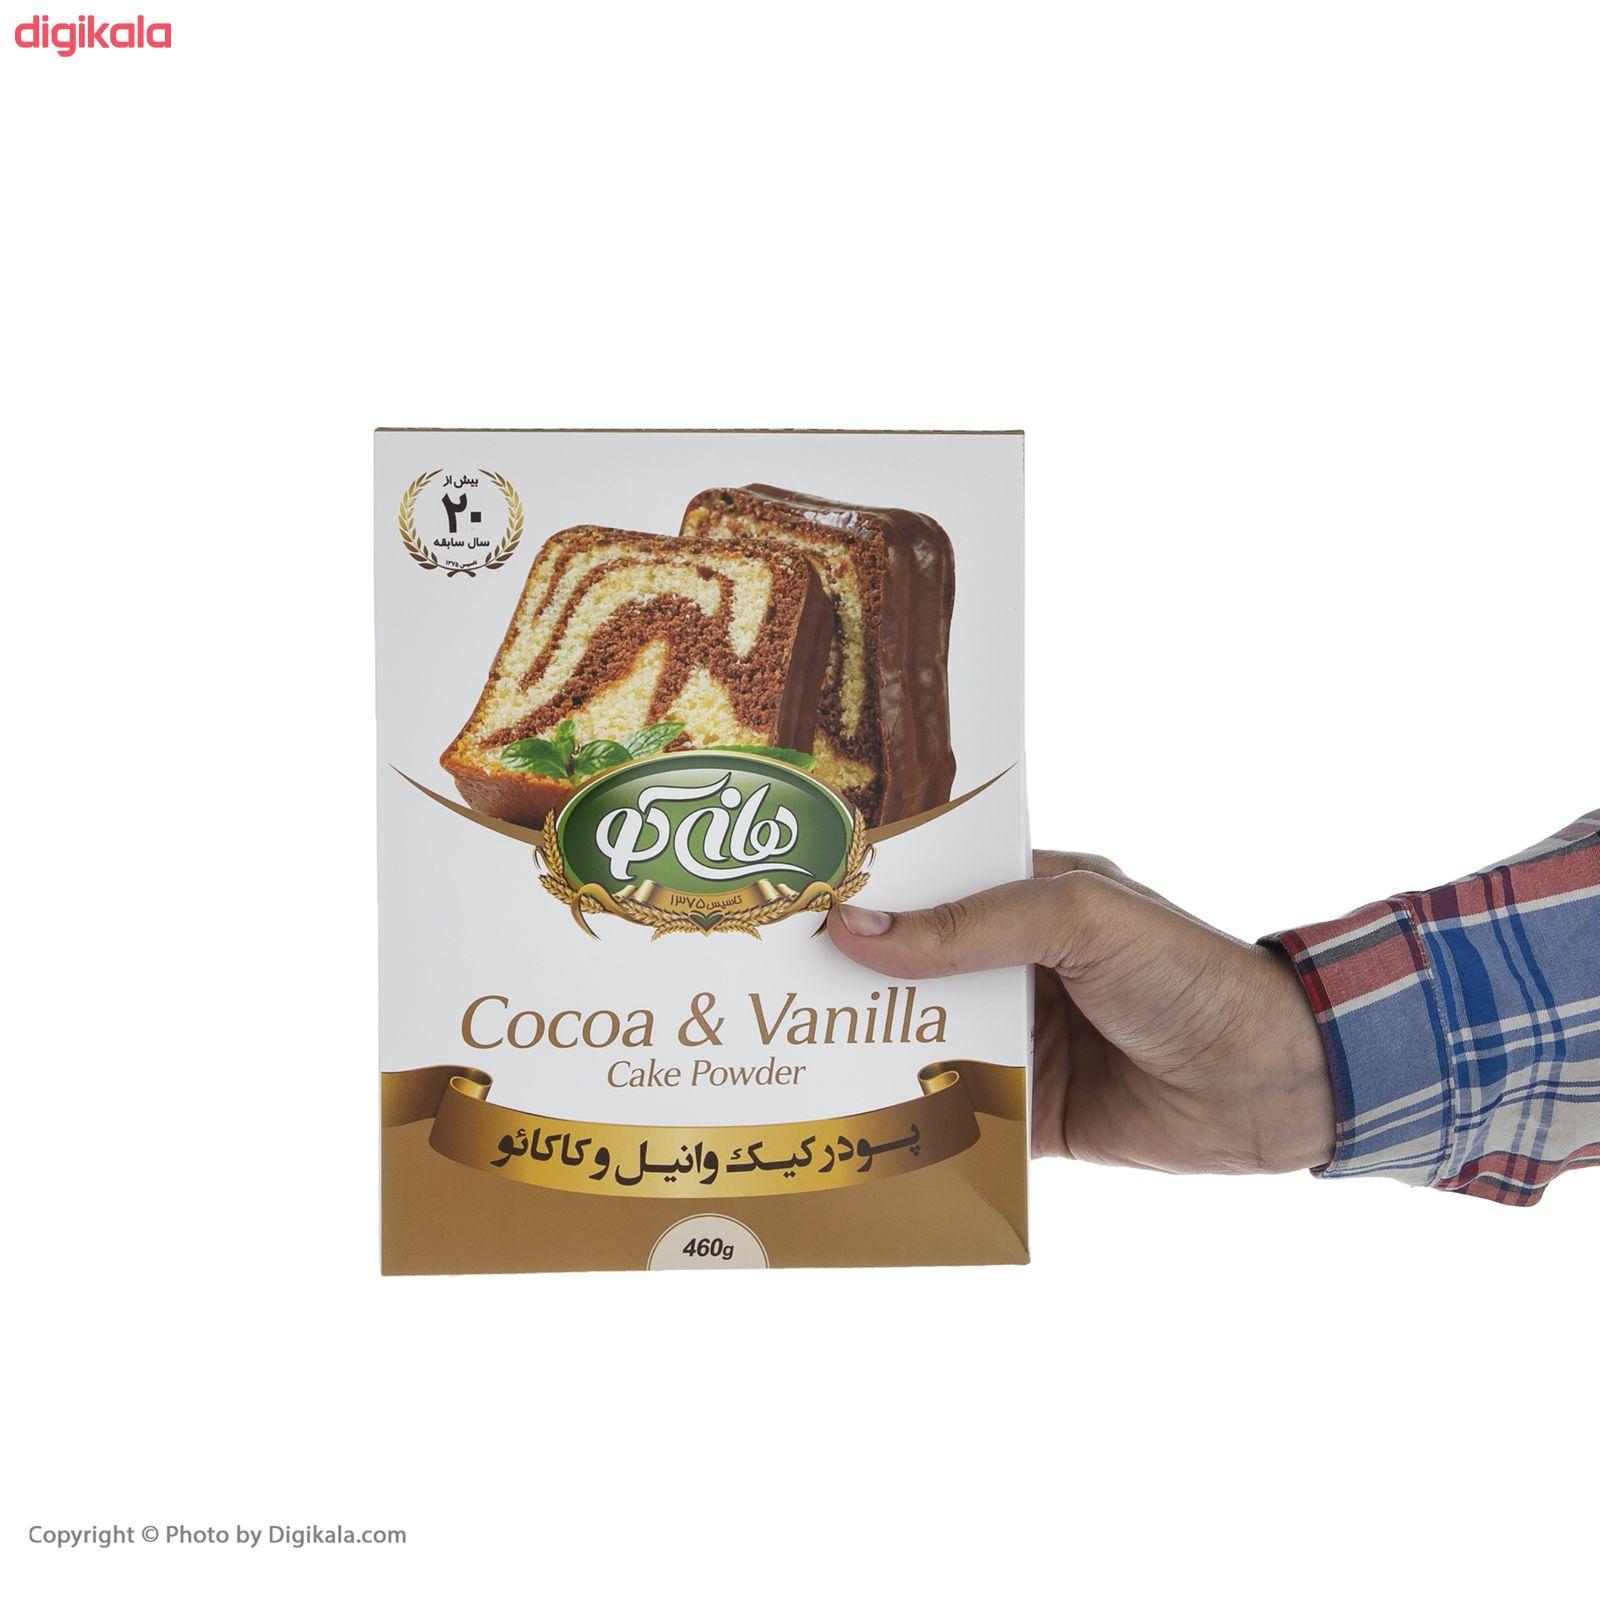 پودر کیک هانی کو با طعم وانیل و کاکائو - 460 گرم  main 1 3